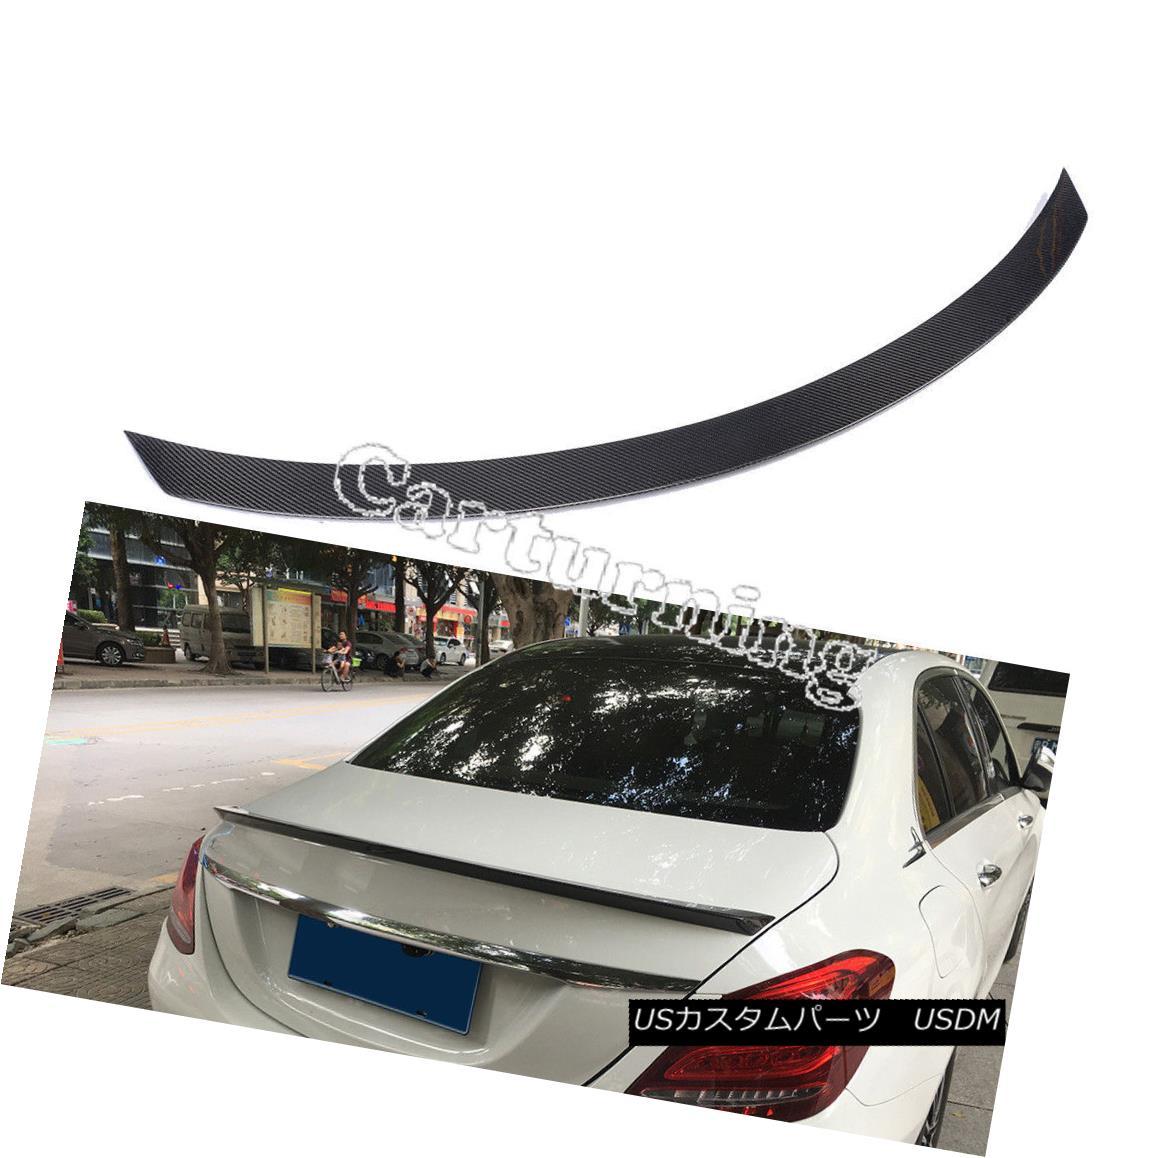 エアロパーツ Carbon Fiber Rear Spoiler Wing For Mercedes Benz C-Class W205 C200 C300 C63 AMG メルセデスベンツCクラスW205 C200 C300 C63 AMG用炭素繊維リアスポイラーウィング